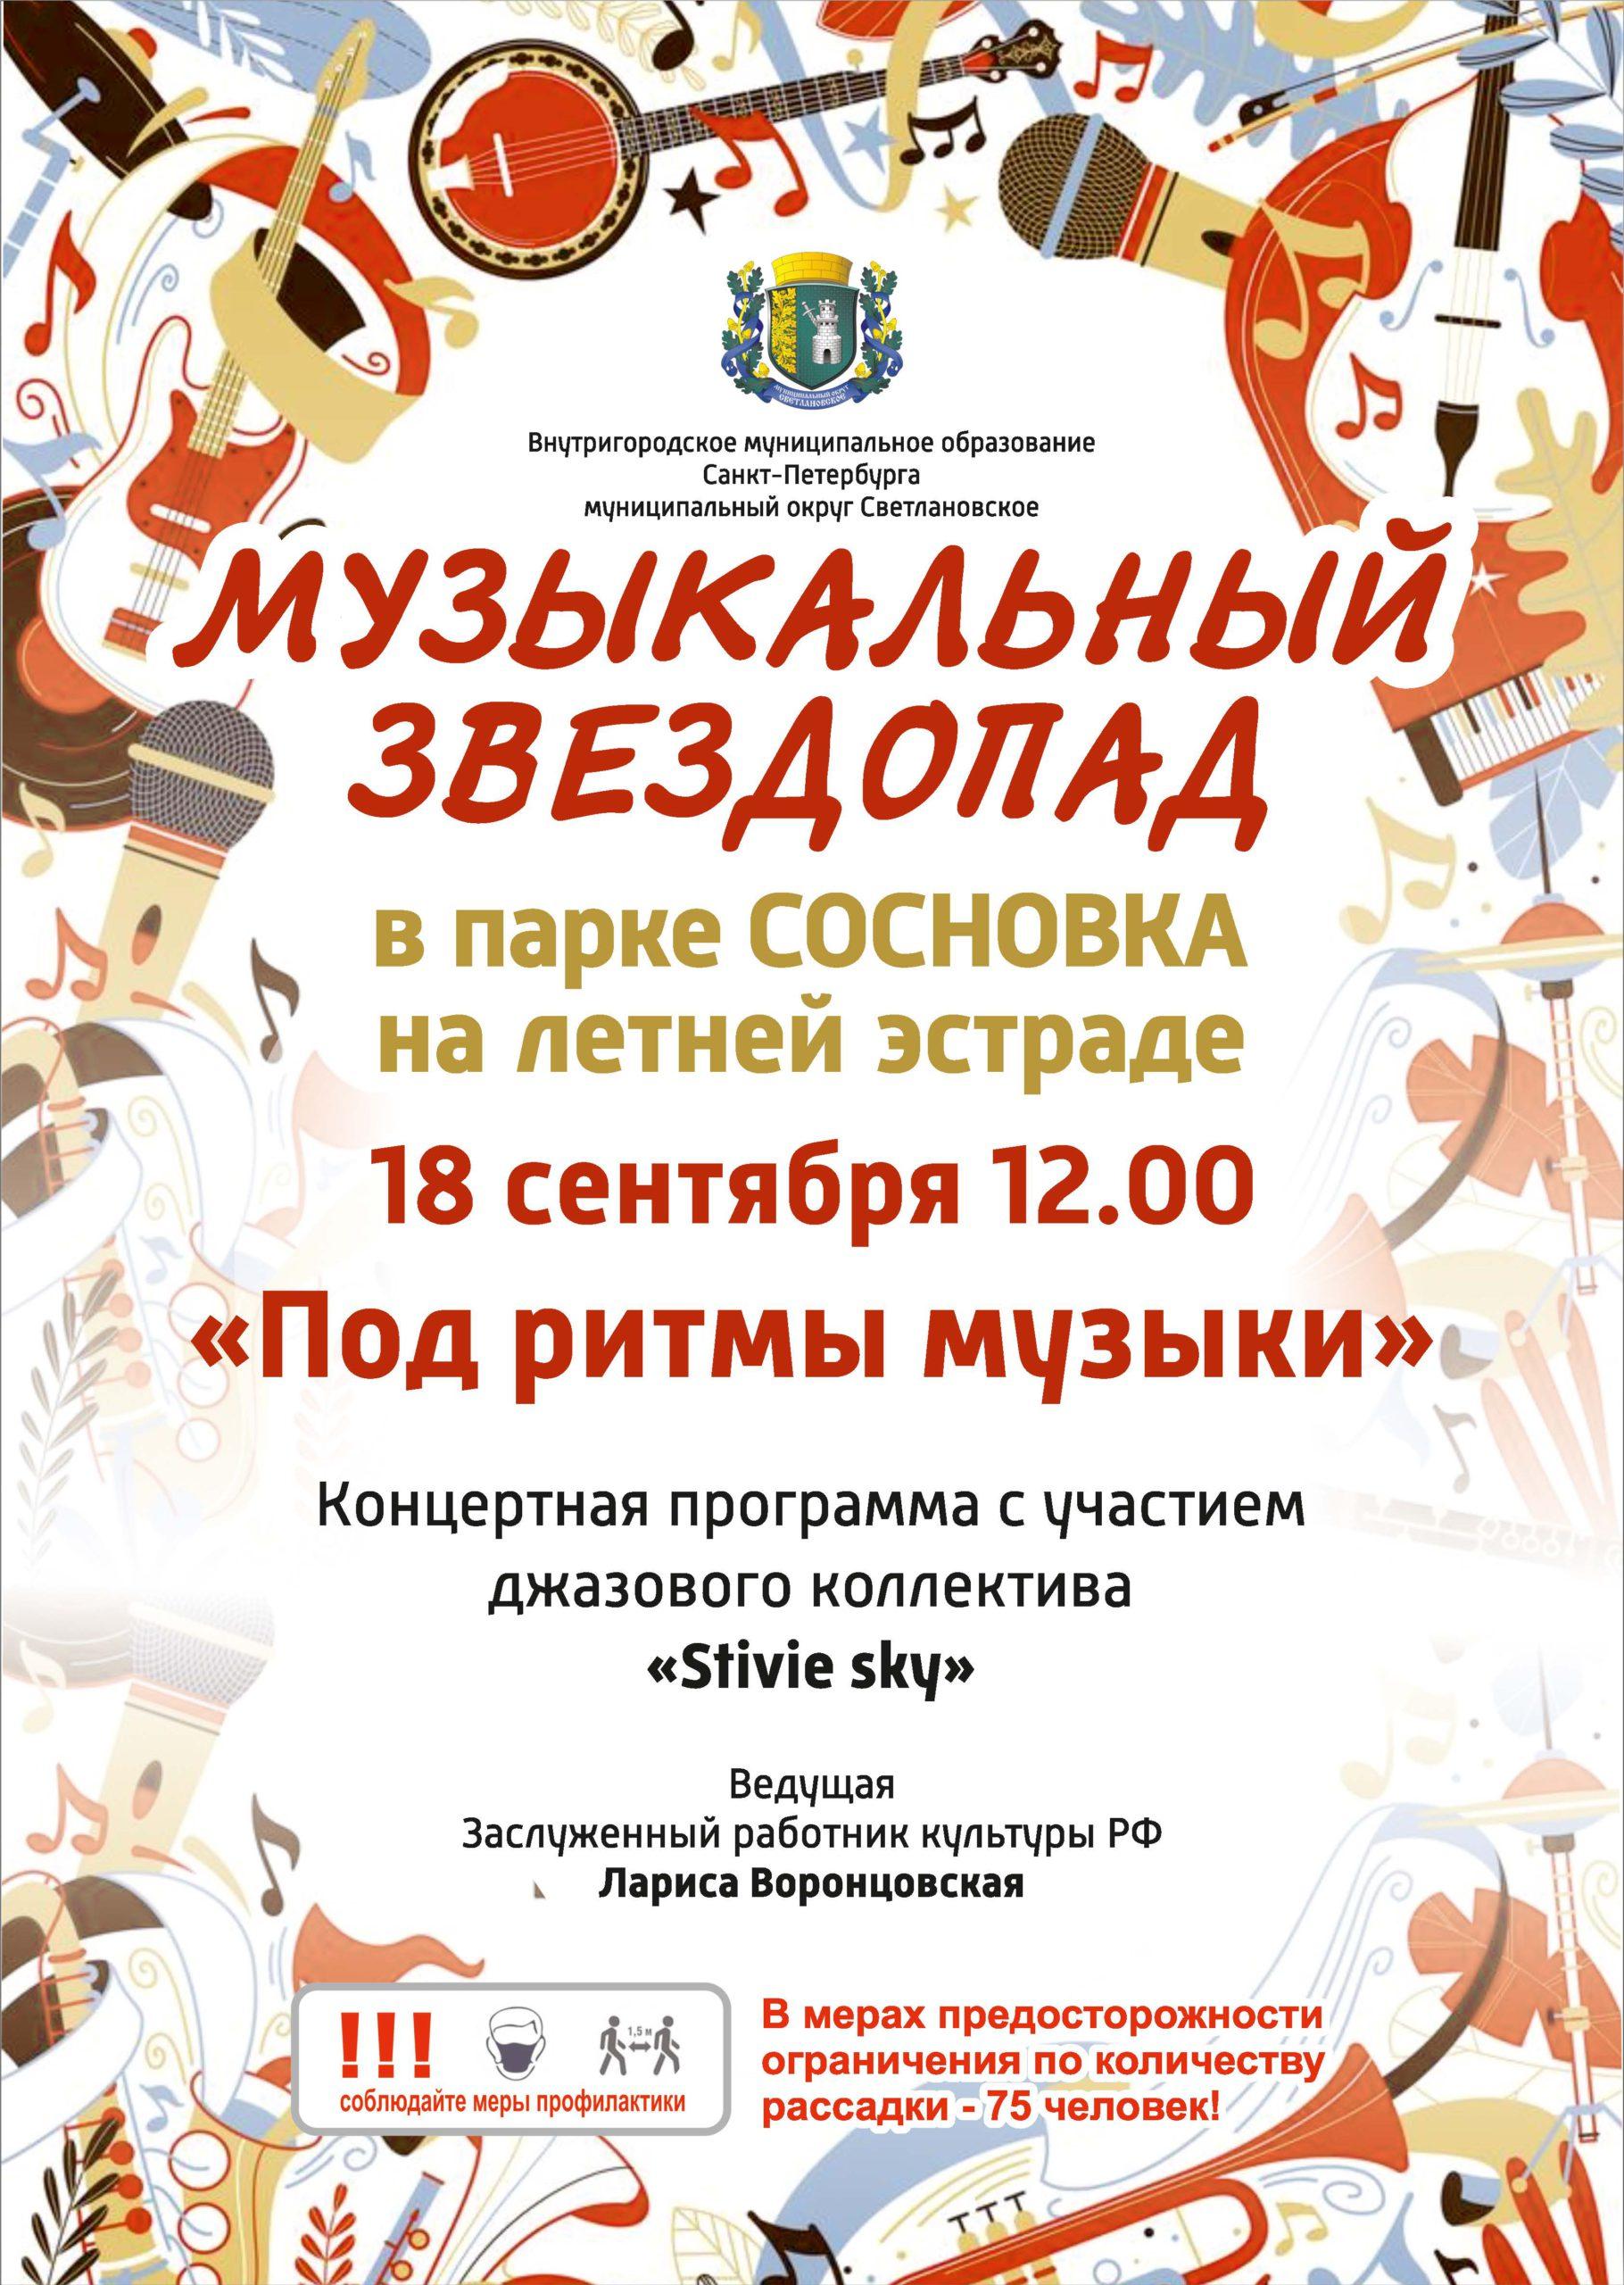 Афиша субботнего концерта МО Светлановское в парке Сосновка 18.09.2021 в 12:00